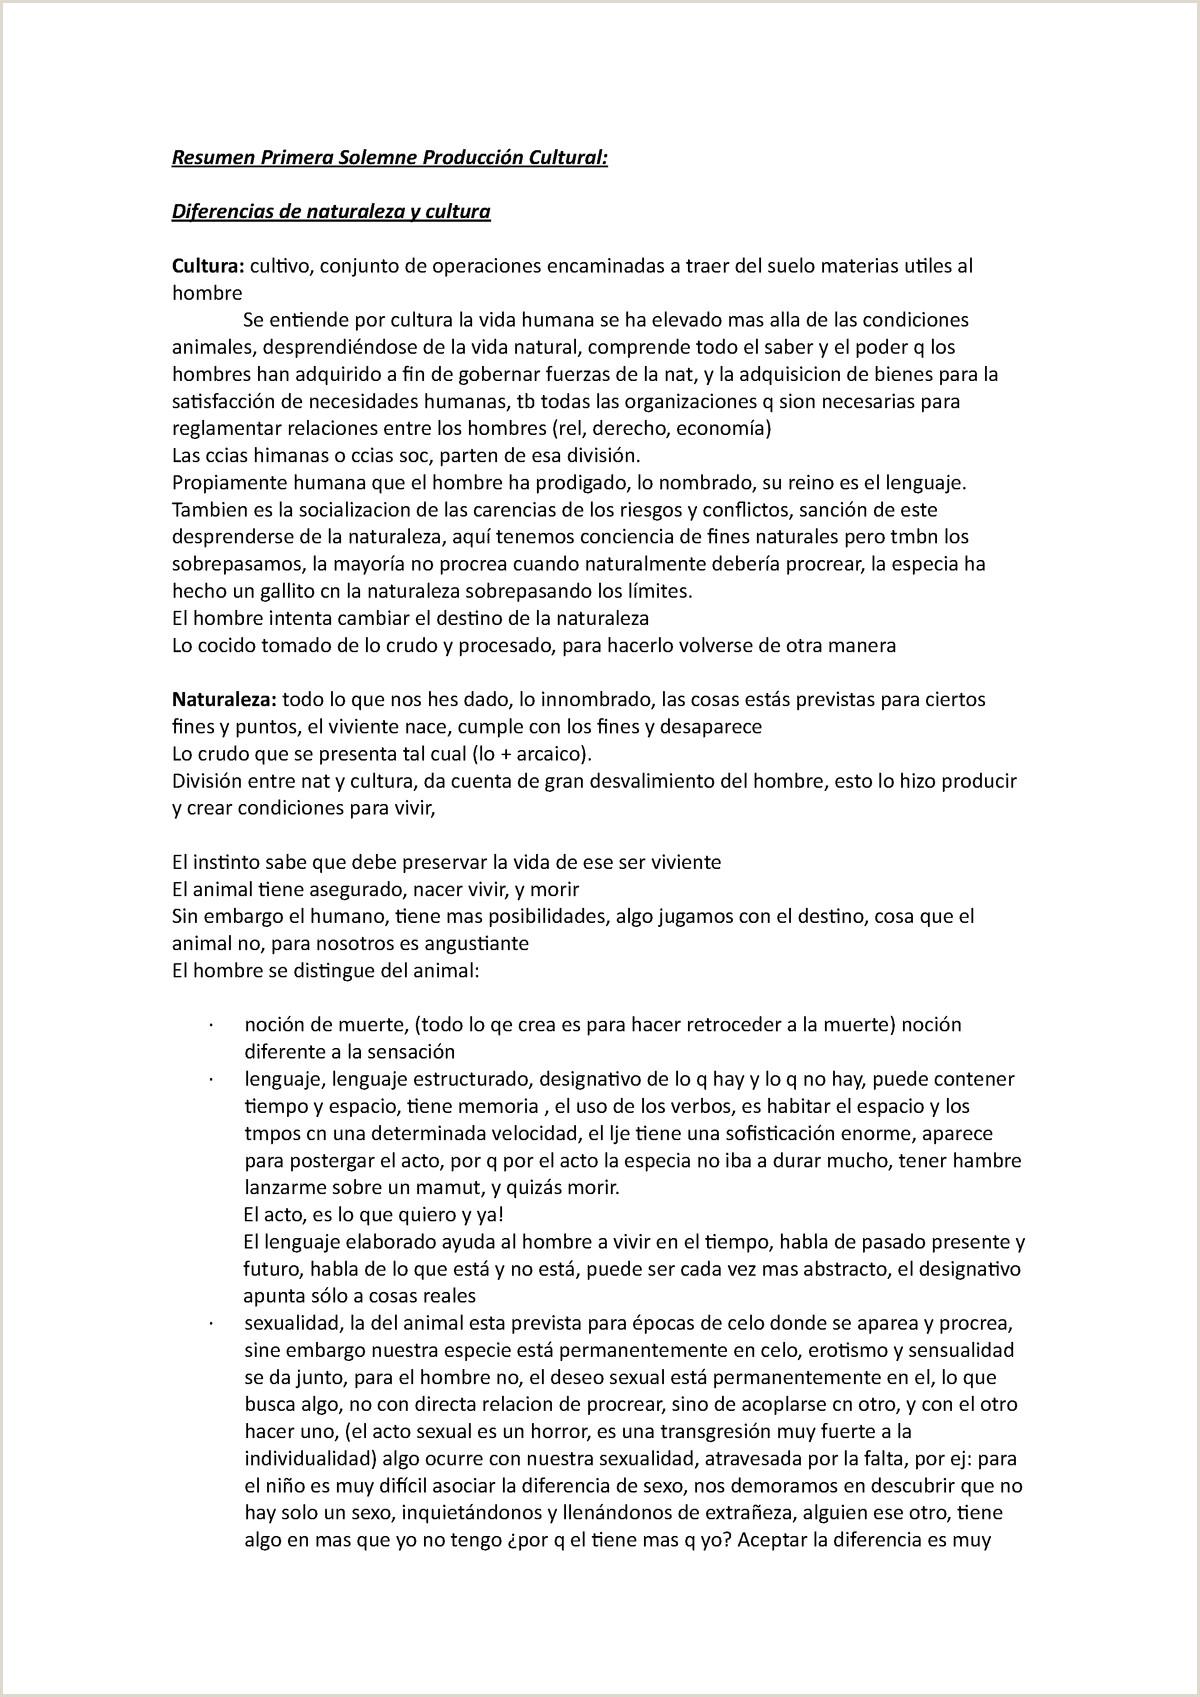 producion cultural Materia solemne 1y 2c Psicologa